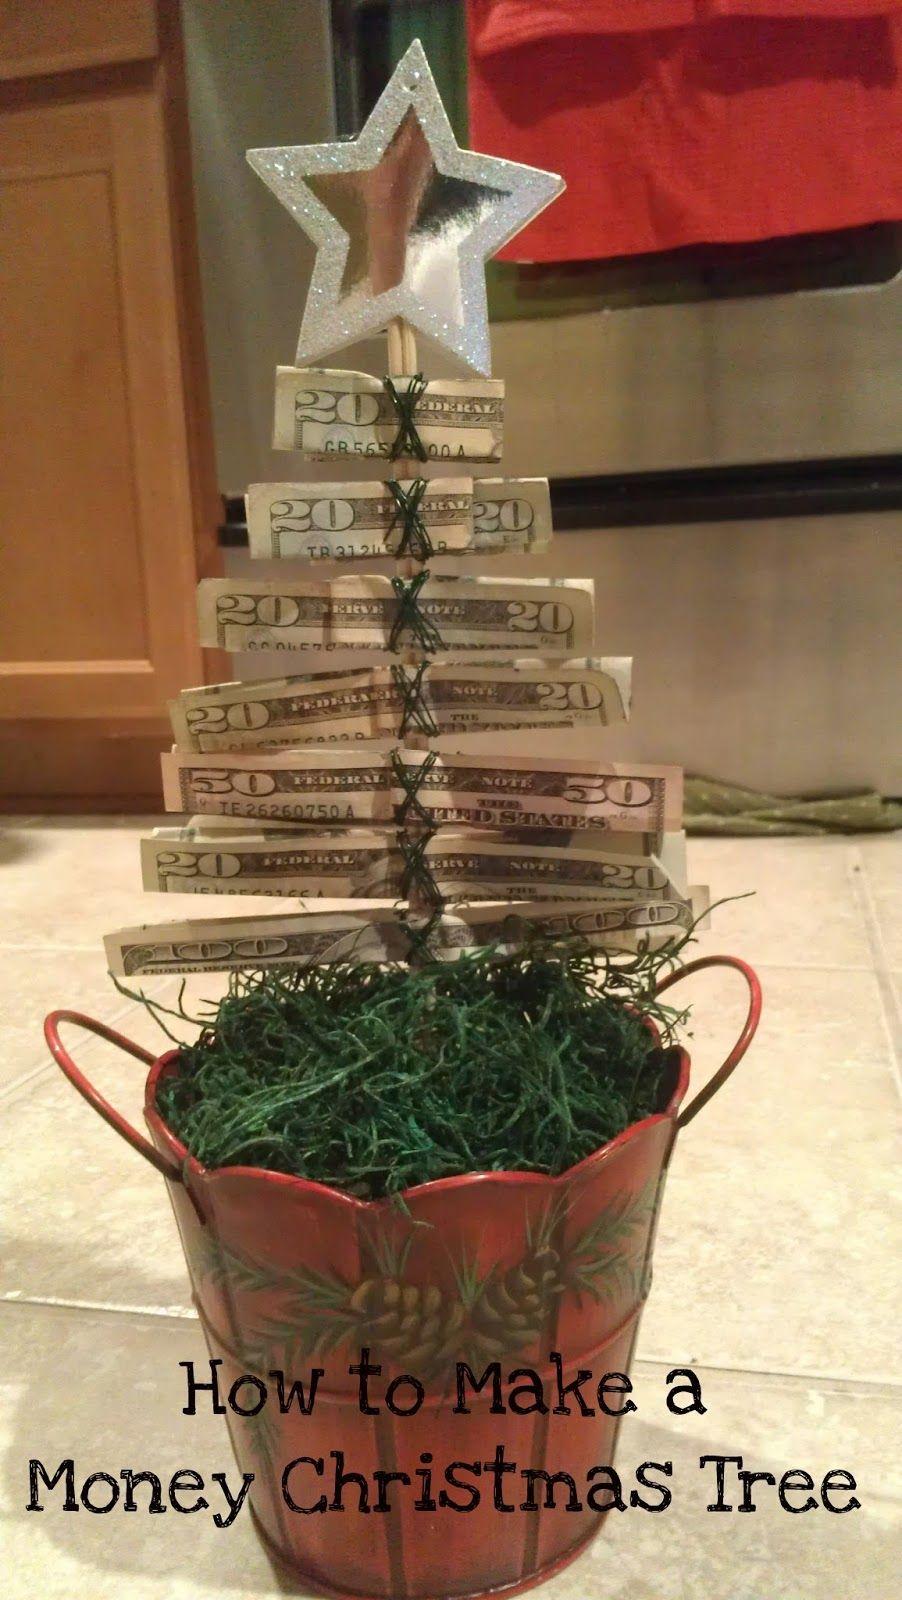 How To Make A Christmas Money Tree Christmas Money Christmas Gifts For Kids Diy Christmas Gifts